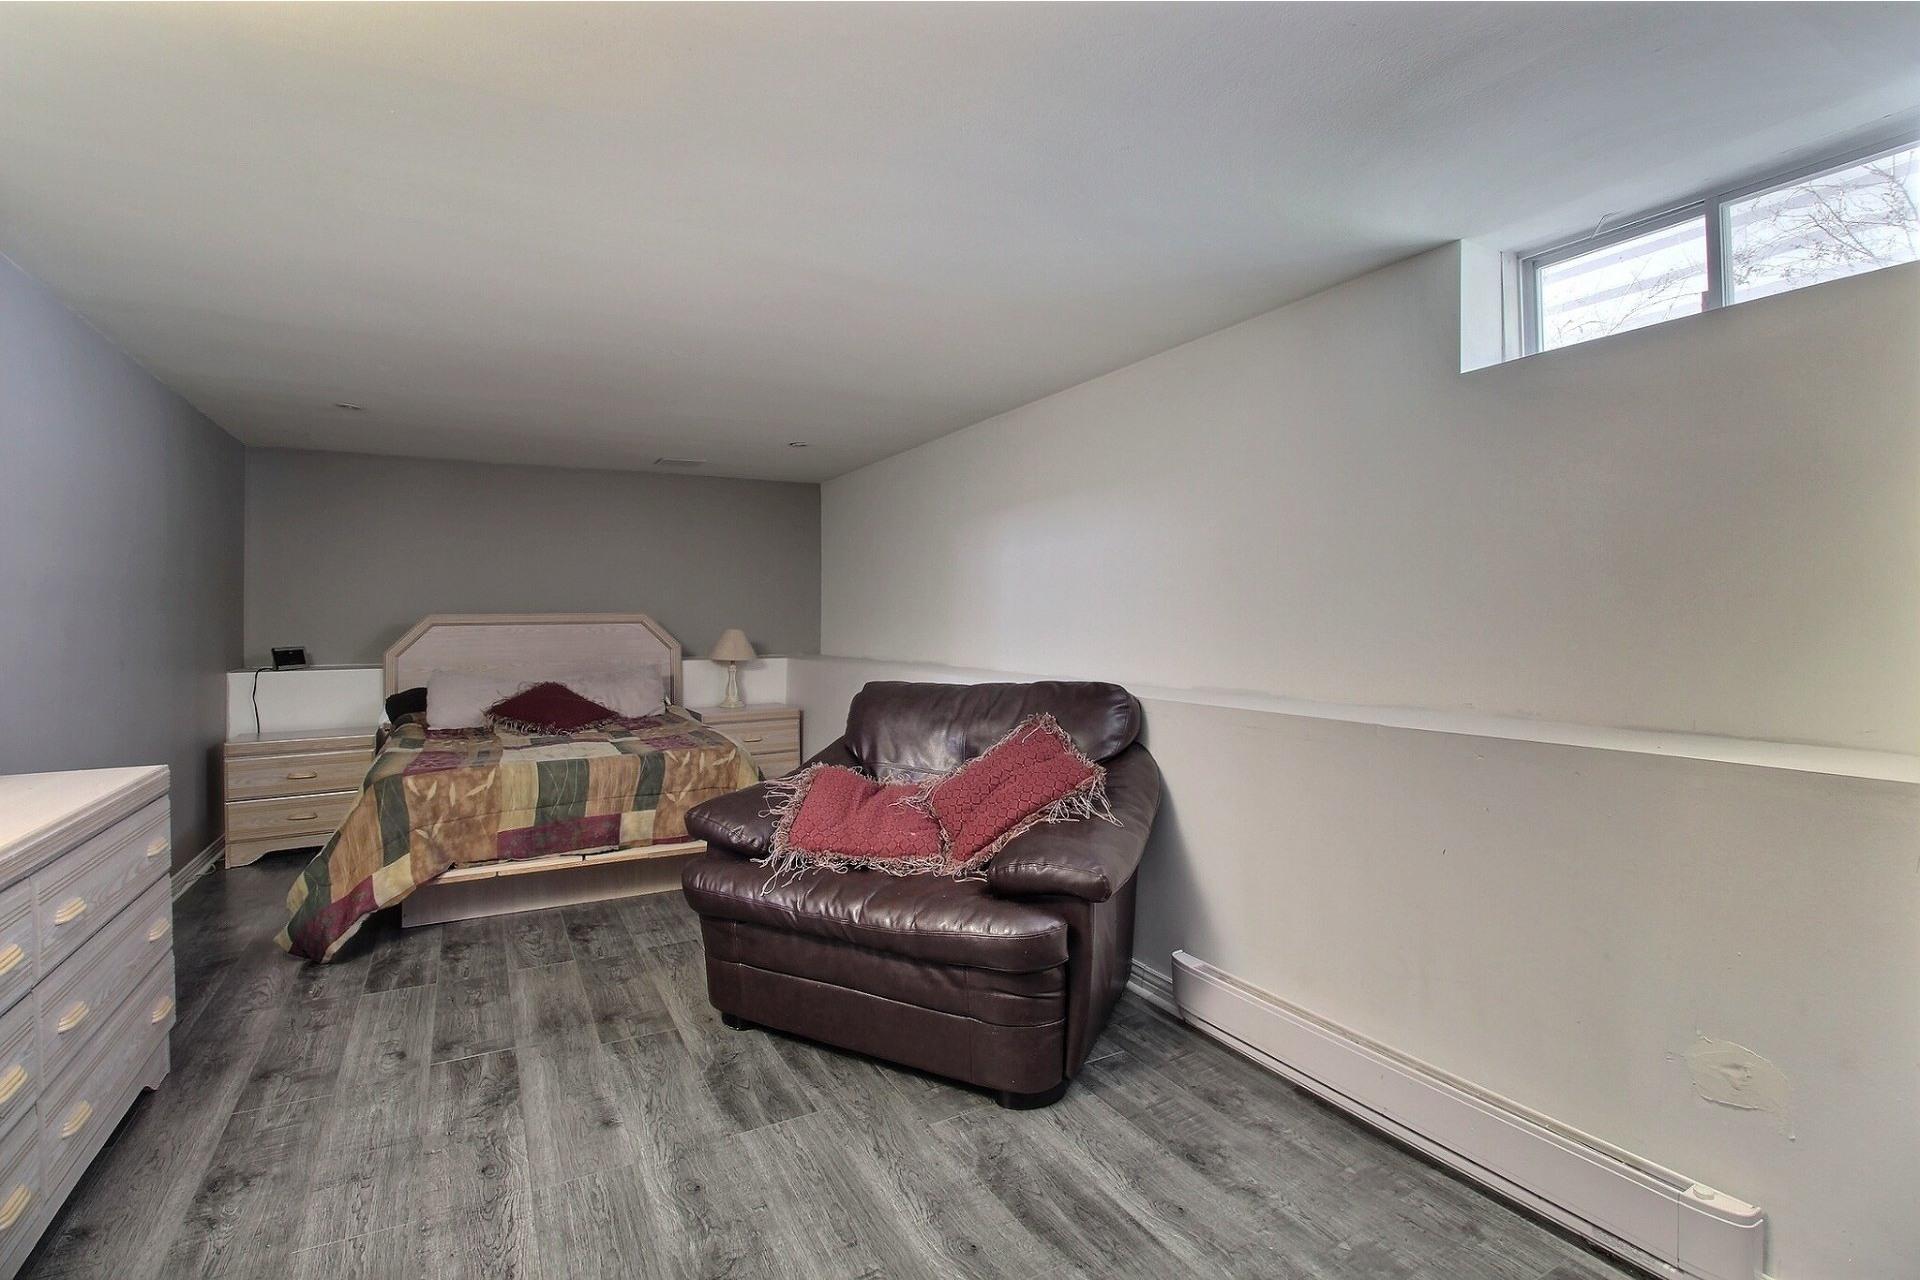 image 28 - Duplex For sale Joliette - 5 rooms